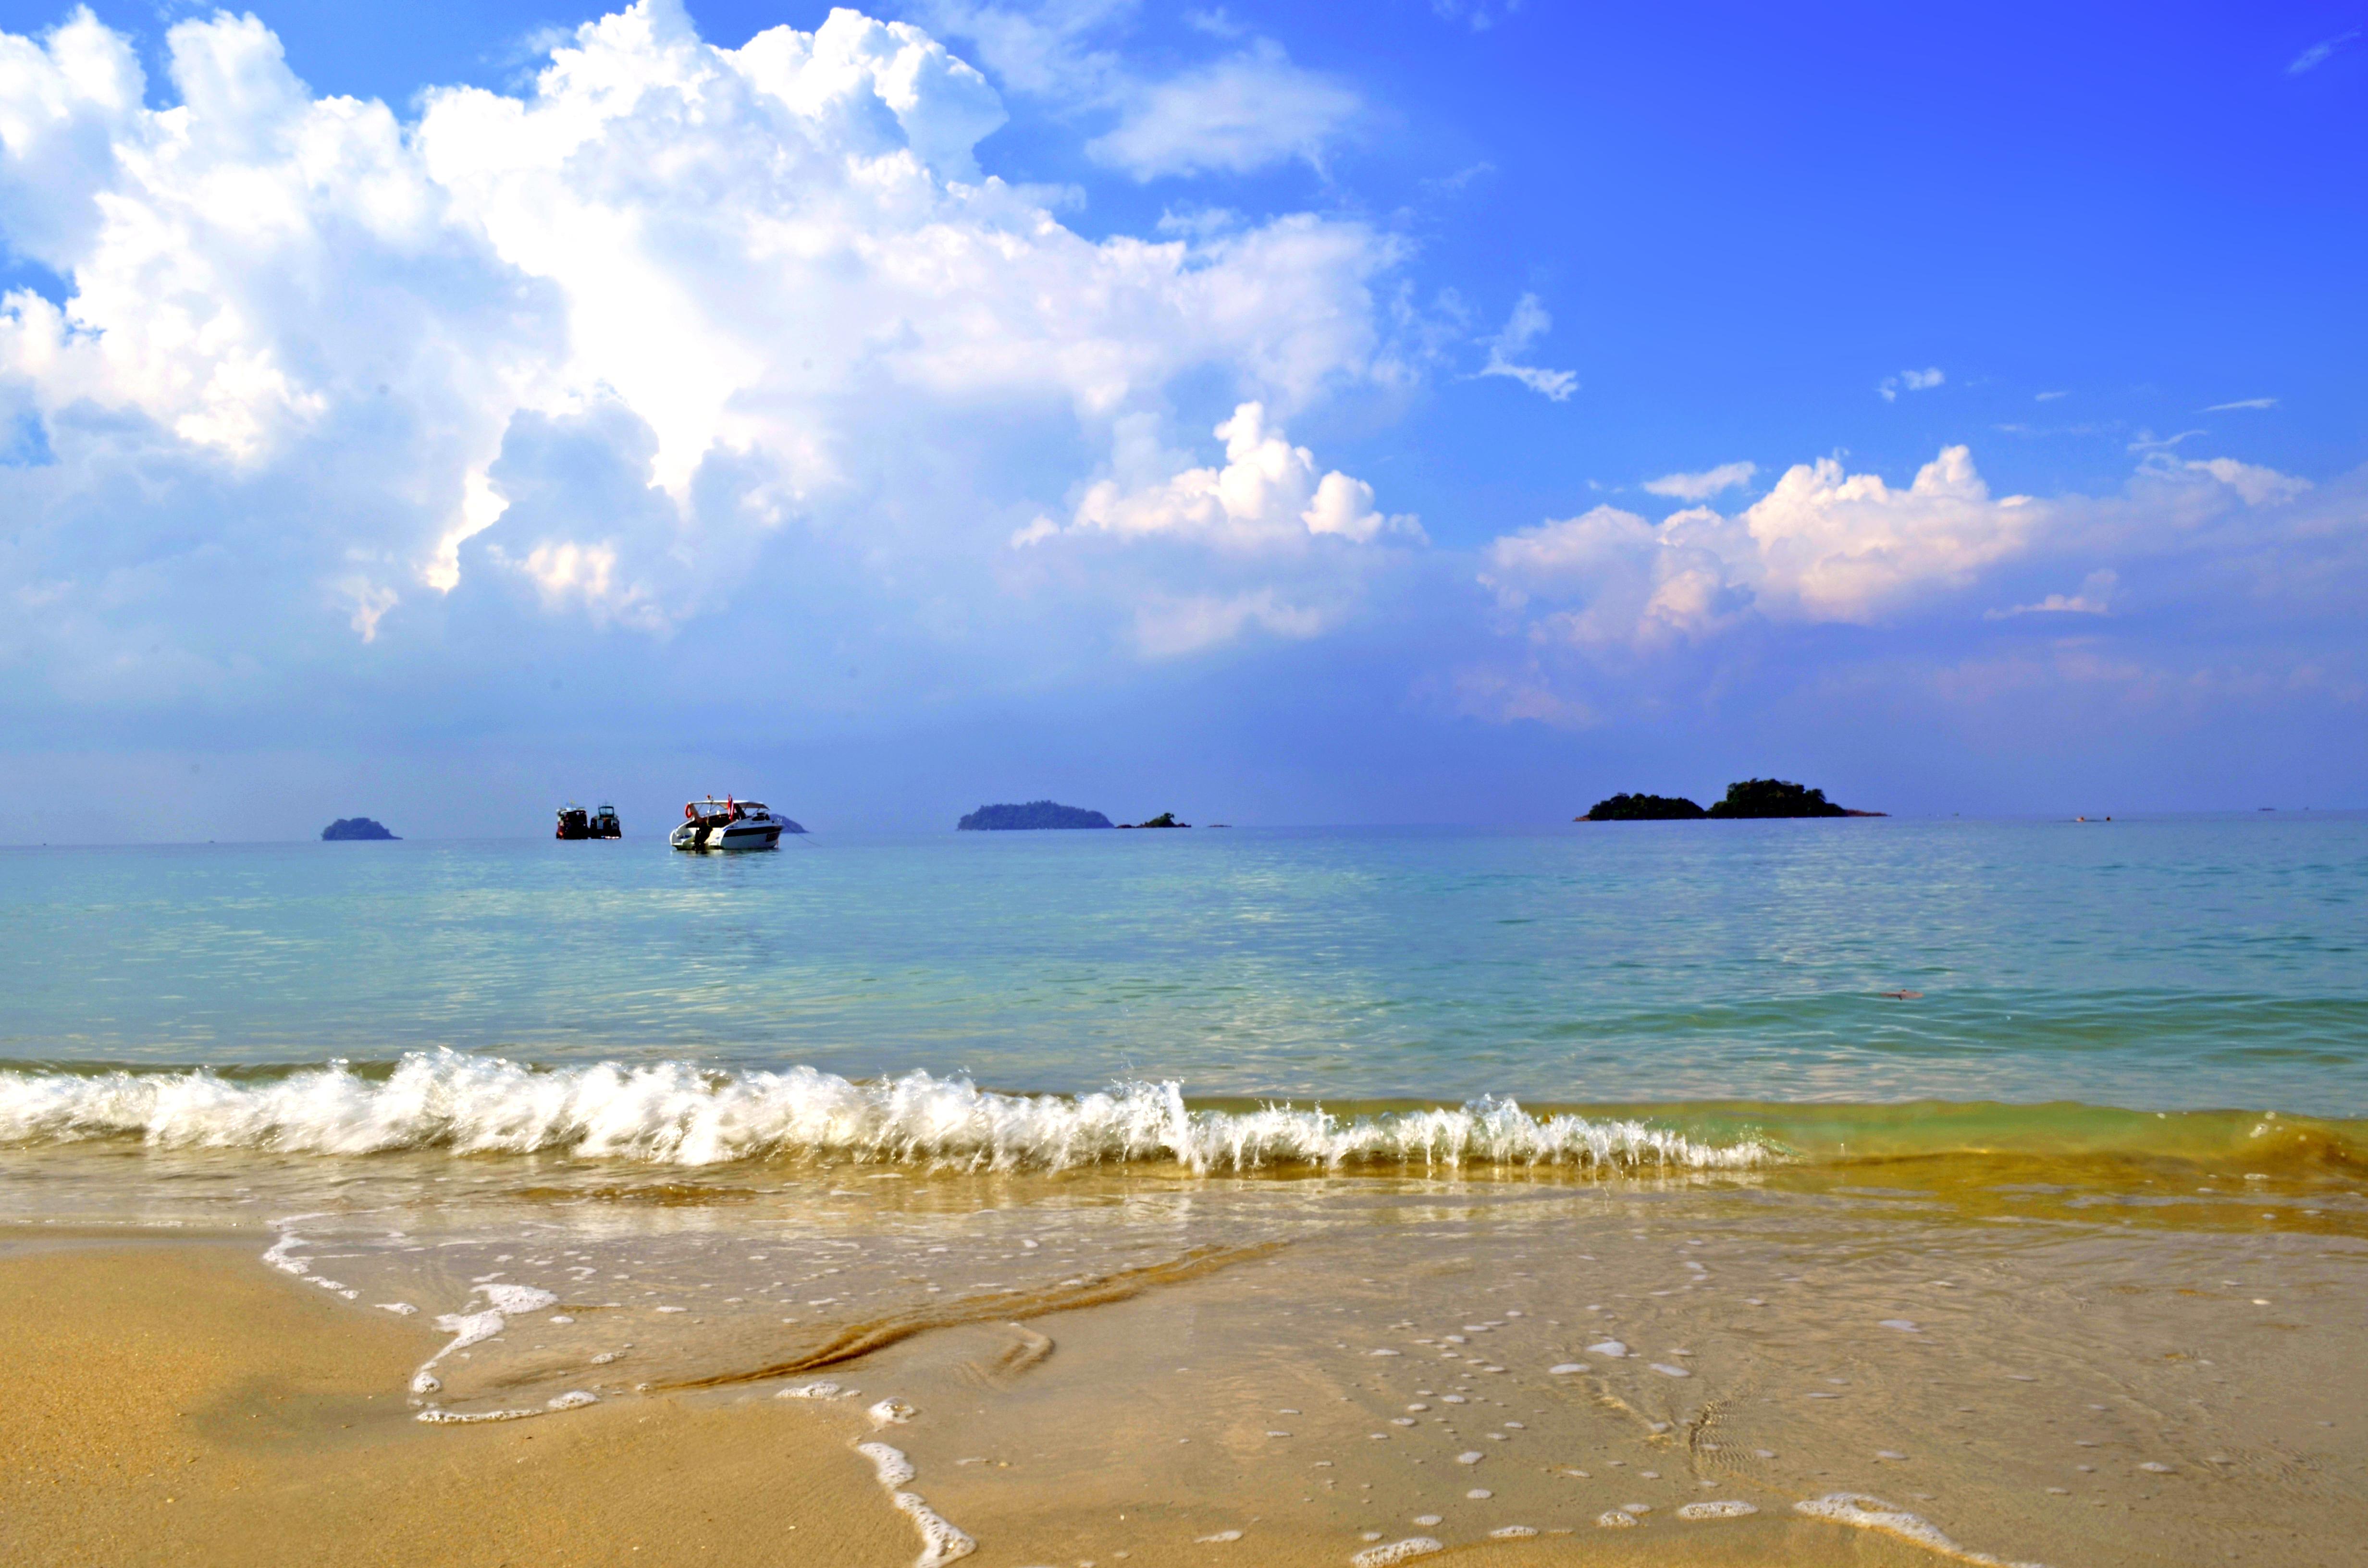 Обои море, пляж, яхты